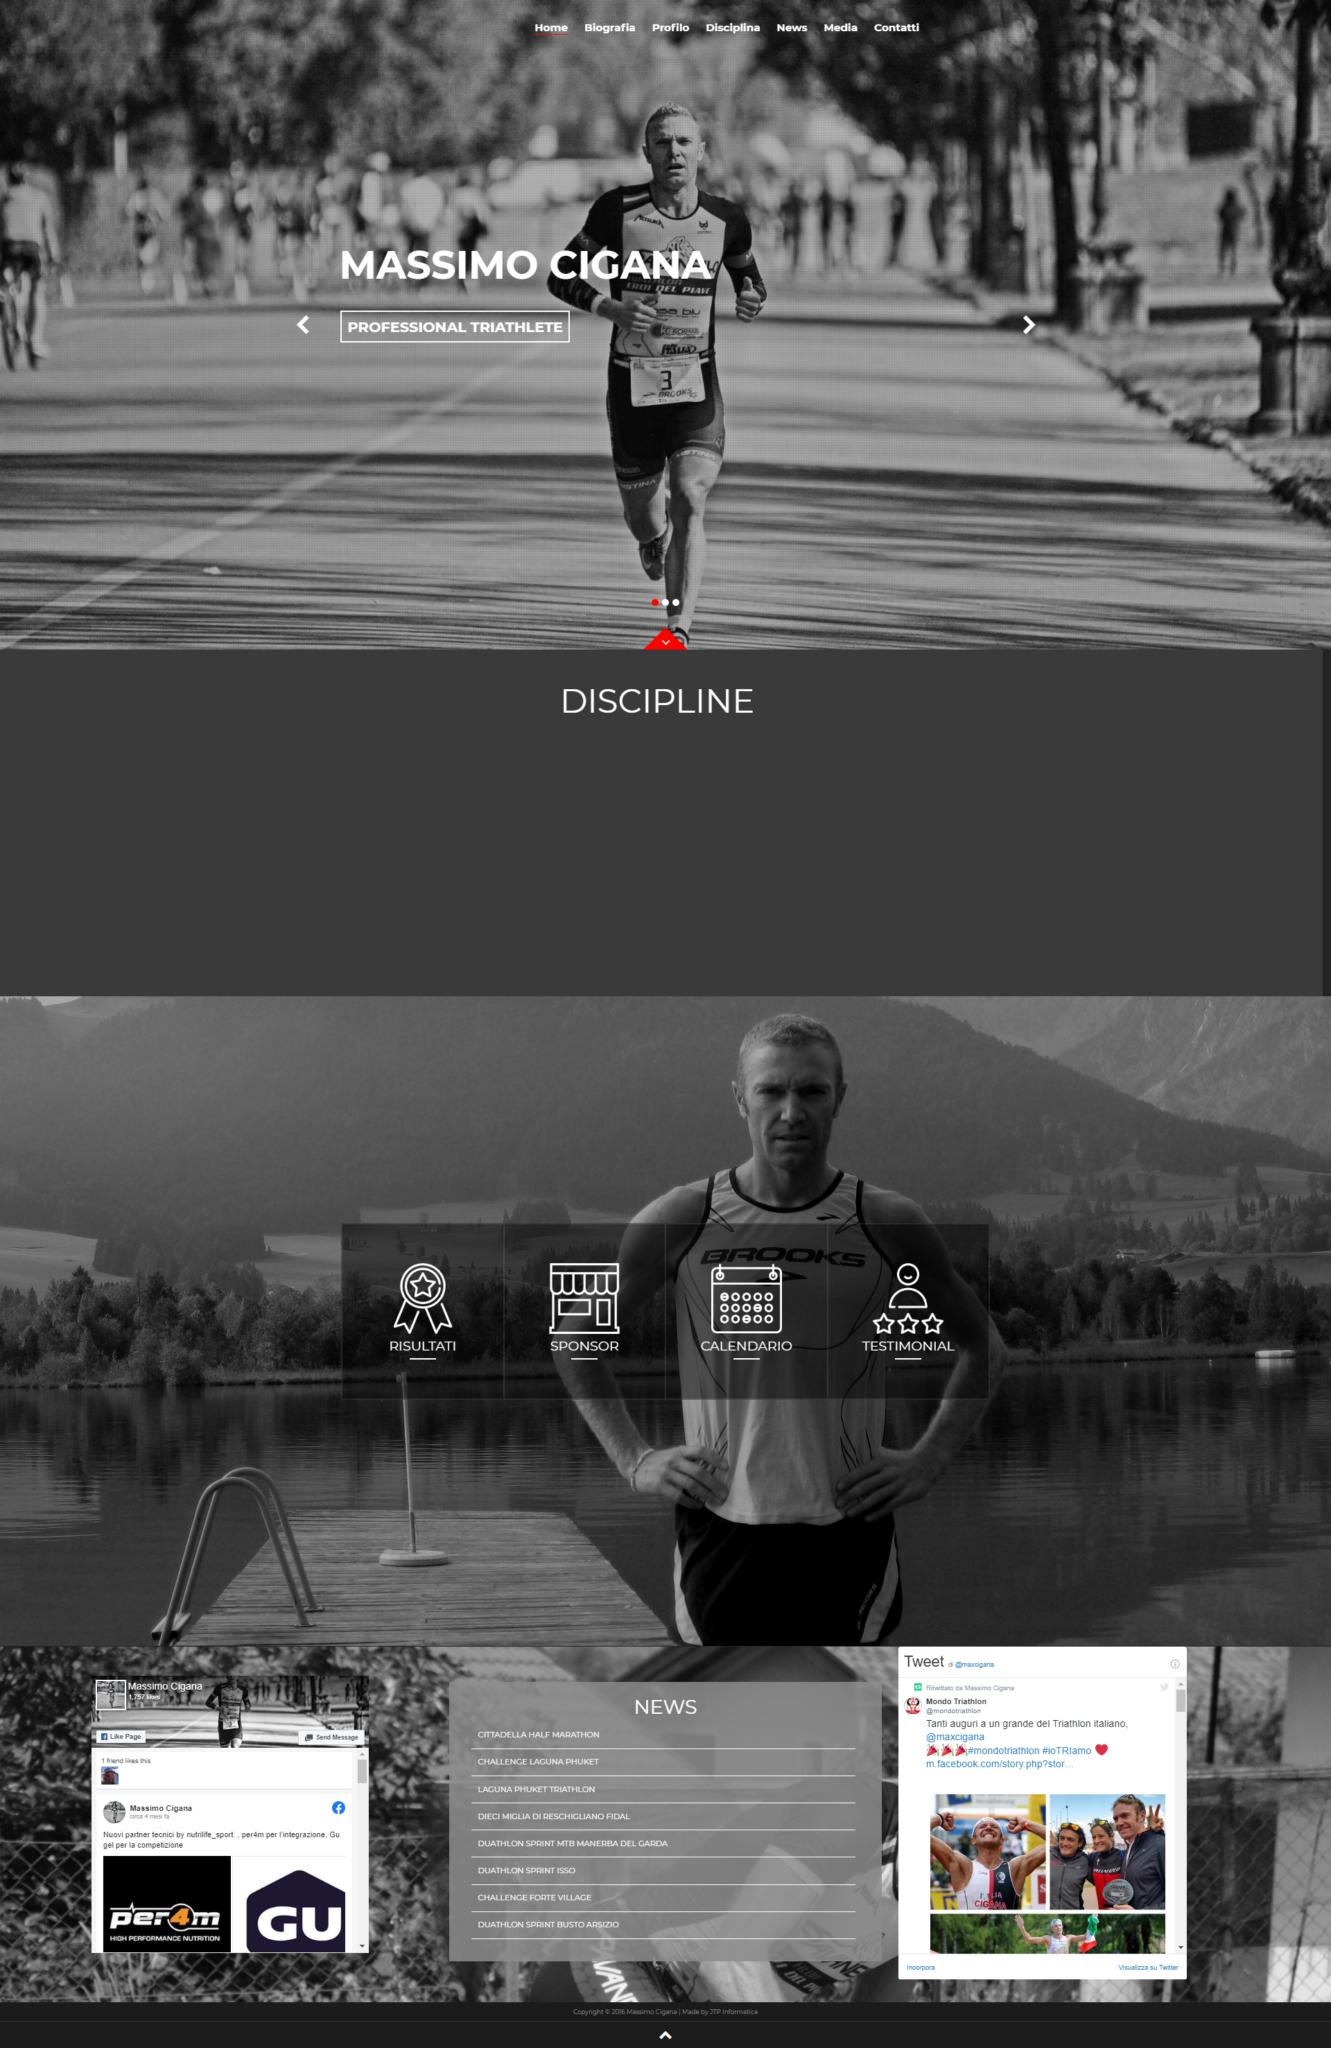 massimo cigana homepage